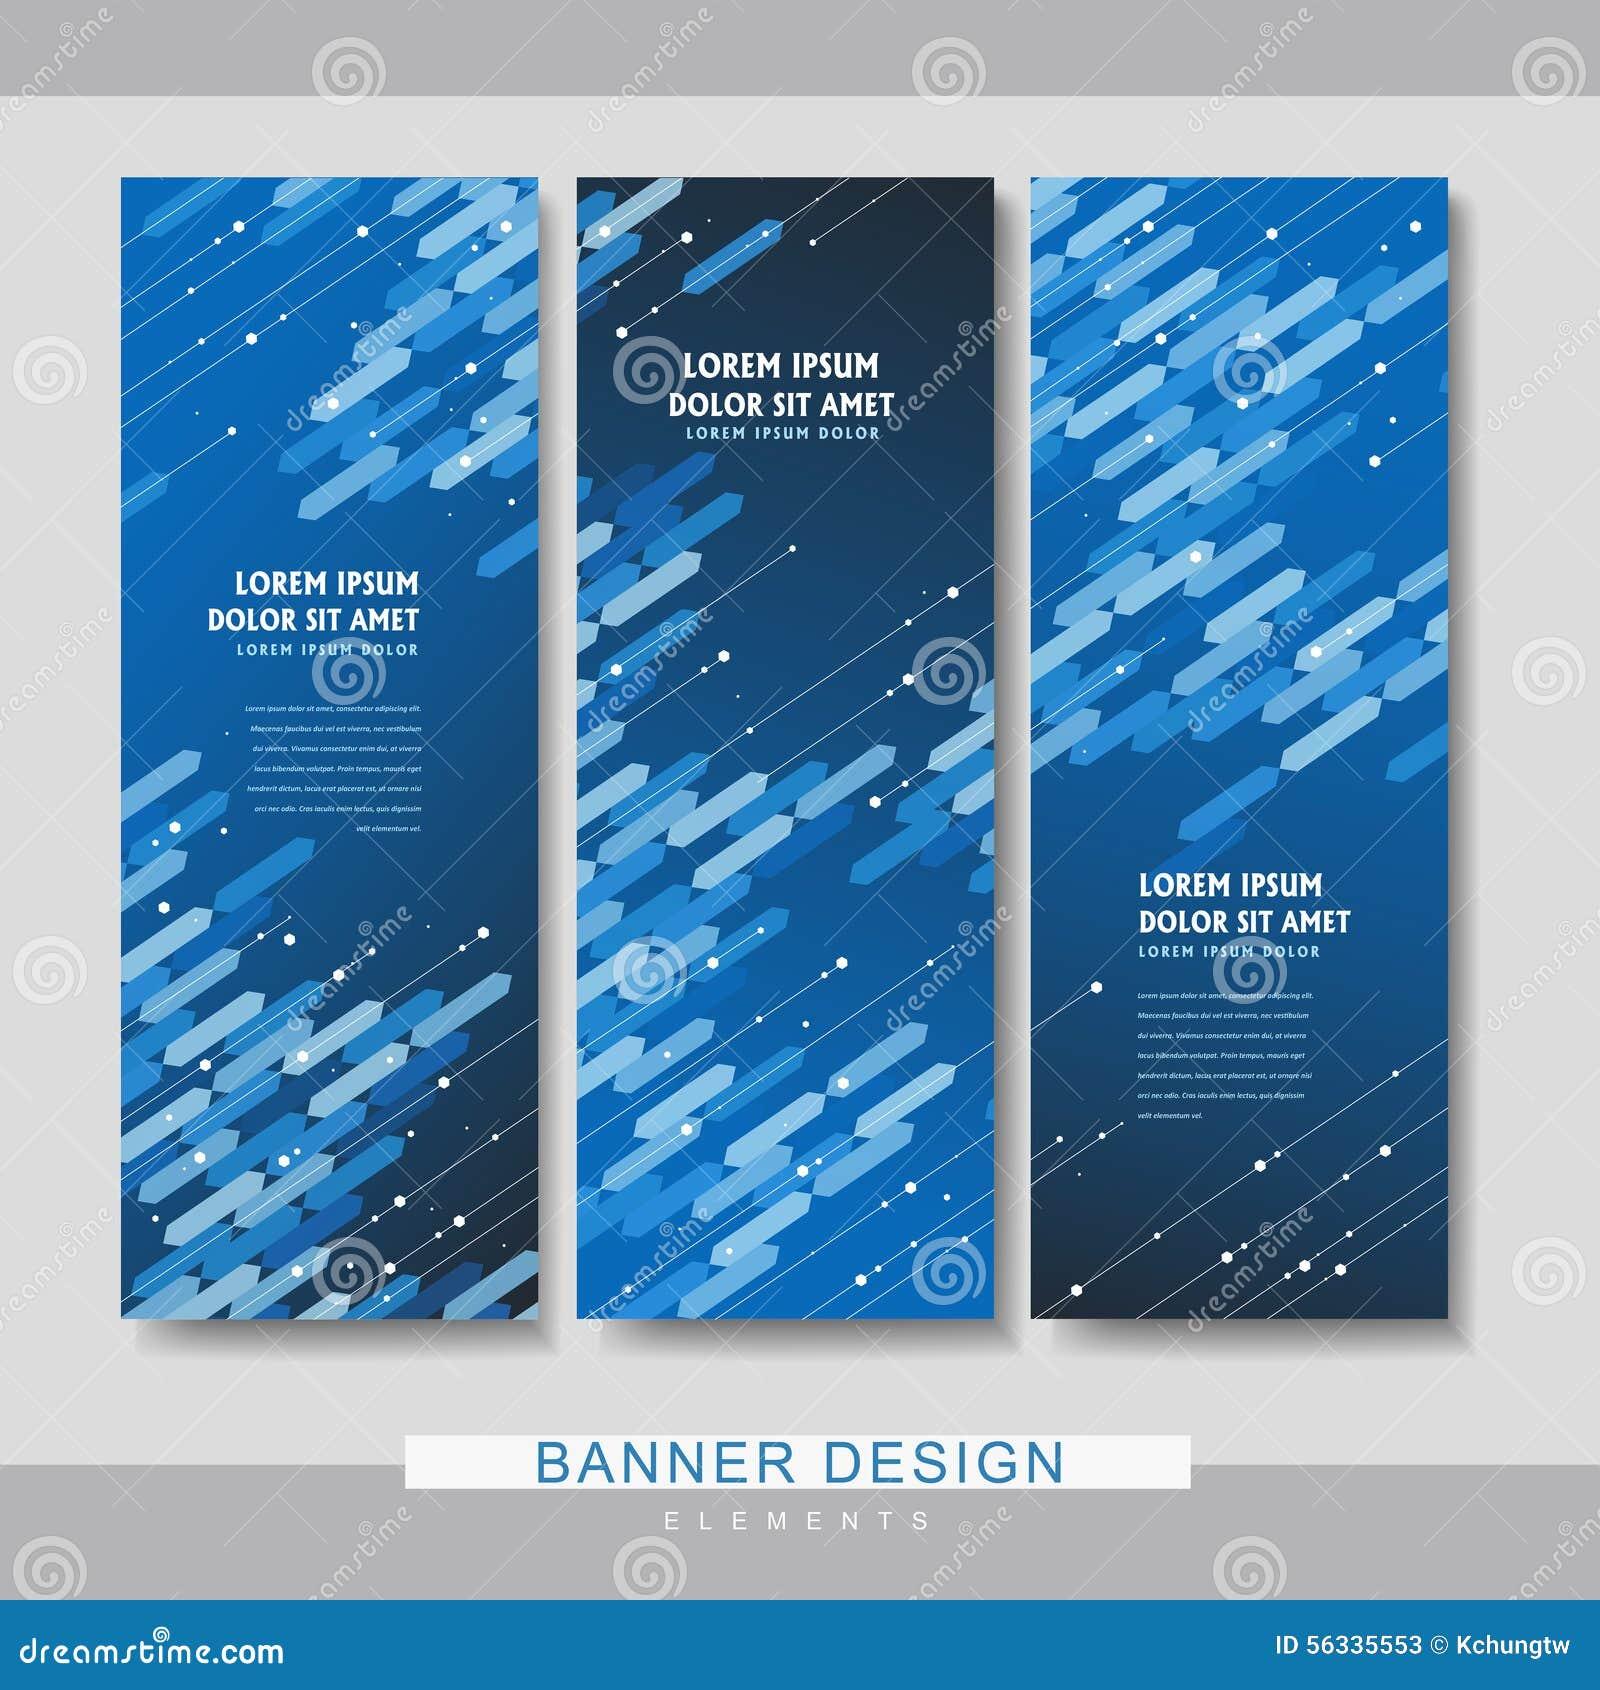 high tech banner set template design stock vector image 56335553. Black Bedroom Furniture Sets. Home Design Ideas